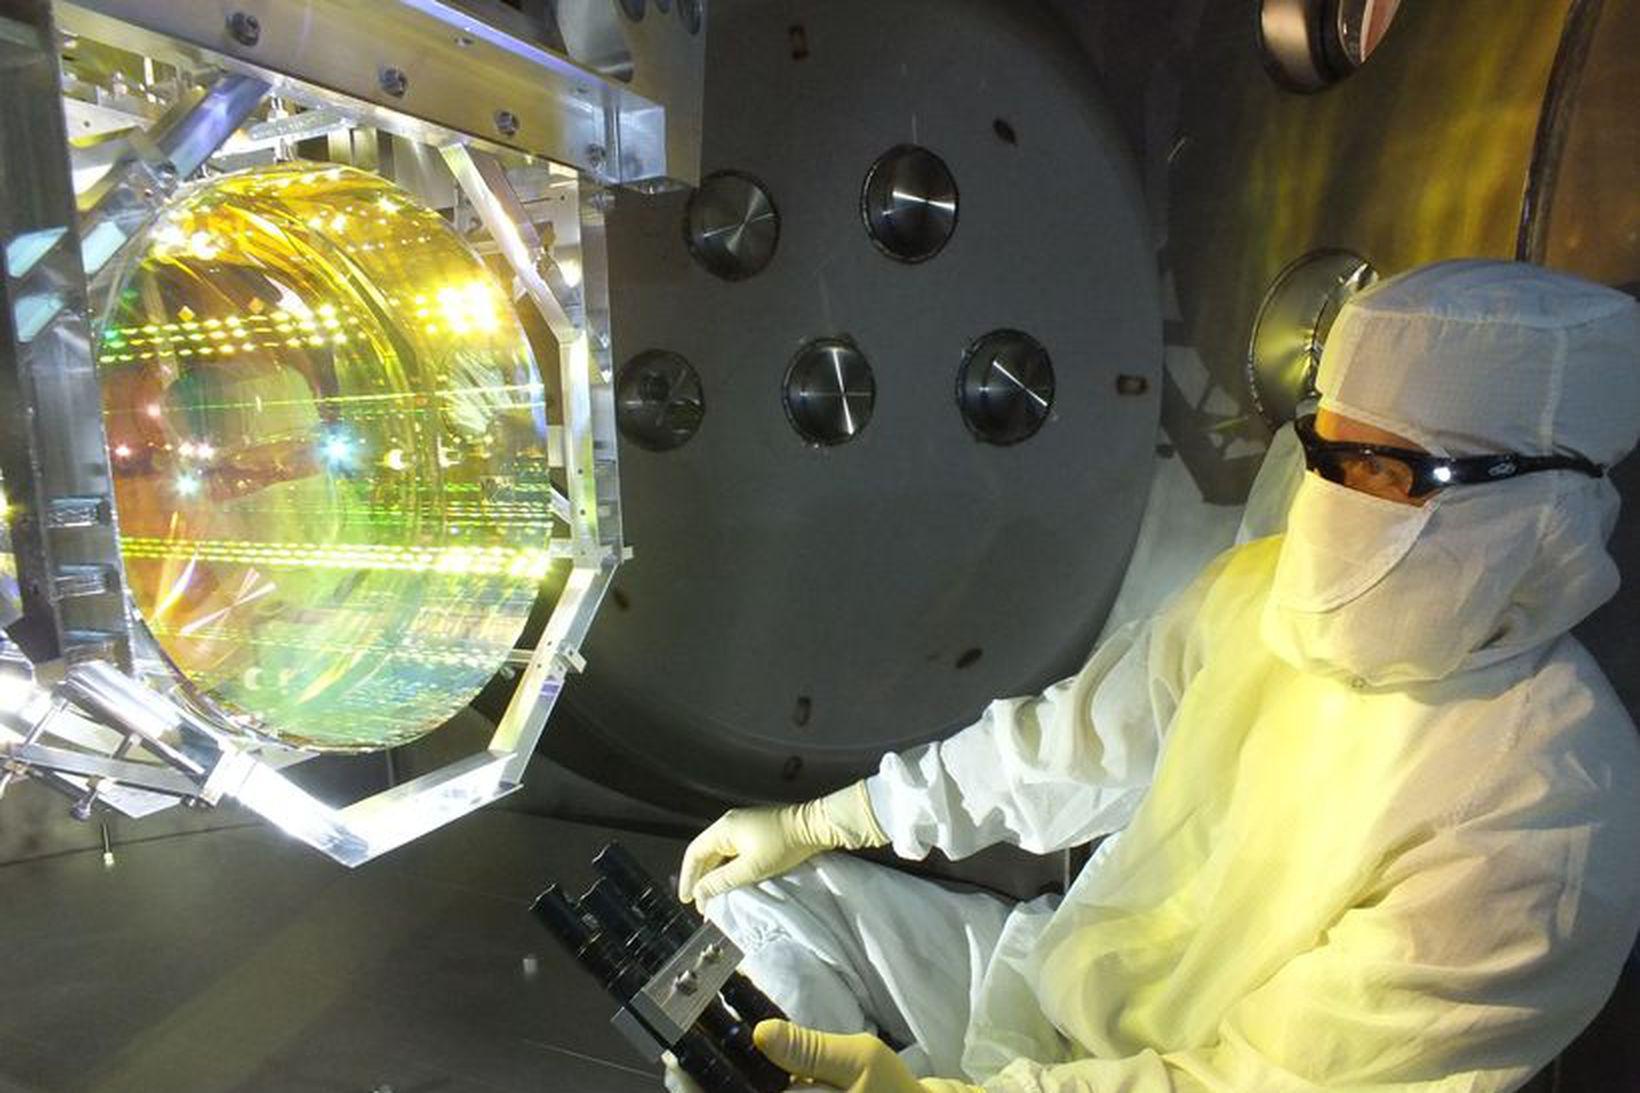 Vísindamaður hlúir að LIGO-mælitækinu sem nam þyngdarbylgjur í fyrsta skipti …